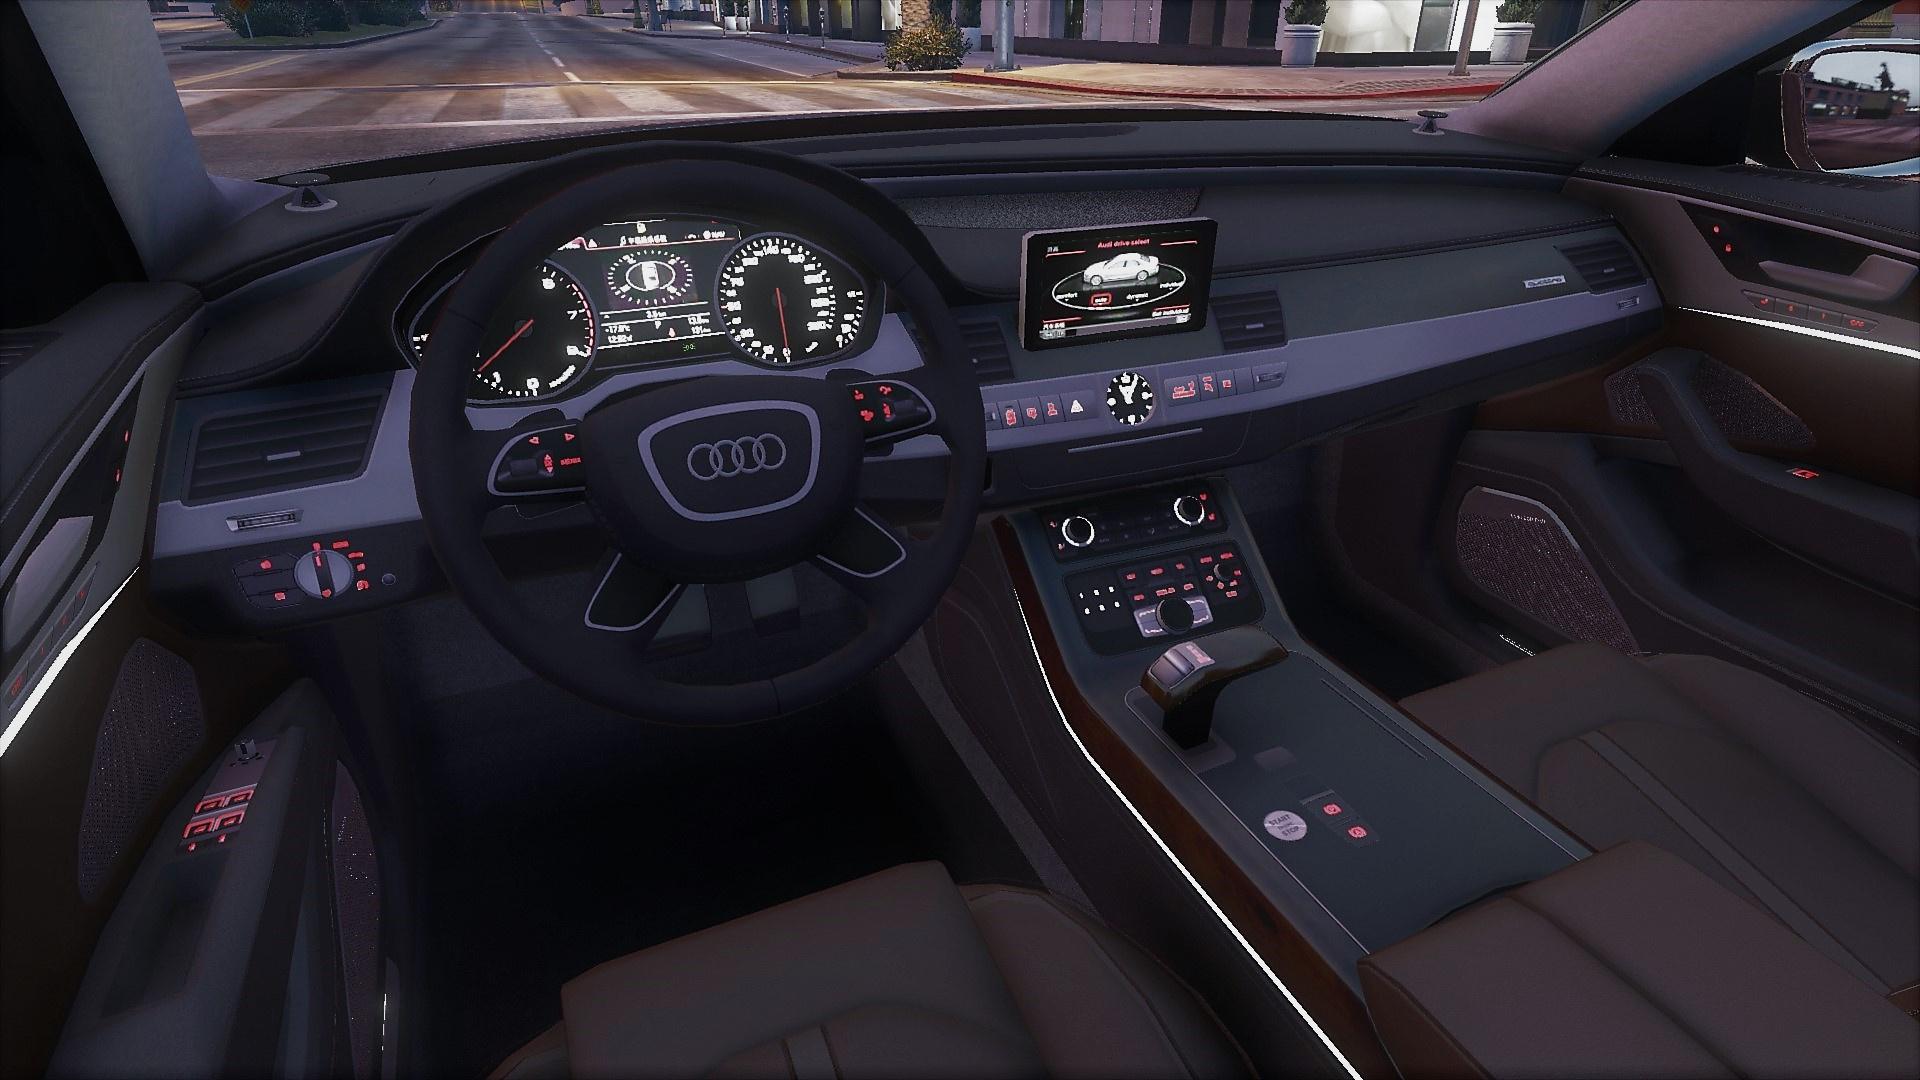 2011 Audi A8 L W12 Quattro (D4) [Add-On | tuning] - GTA5 ...